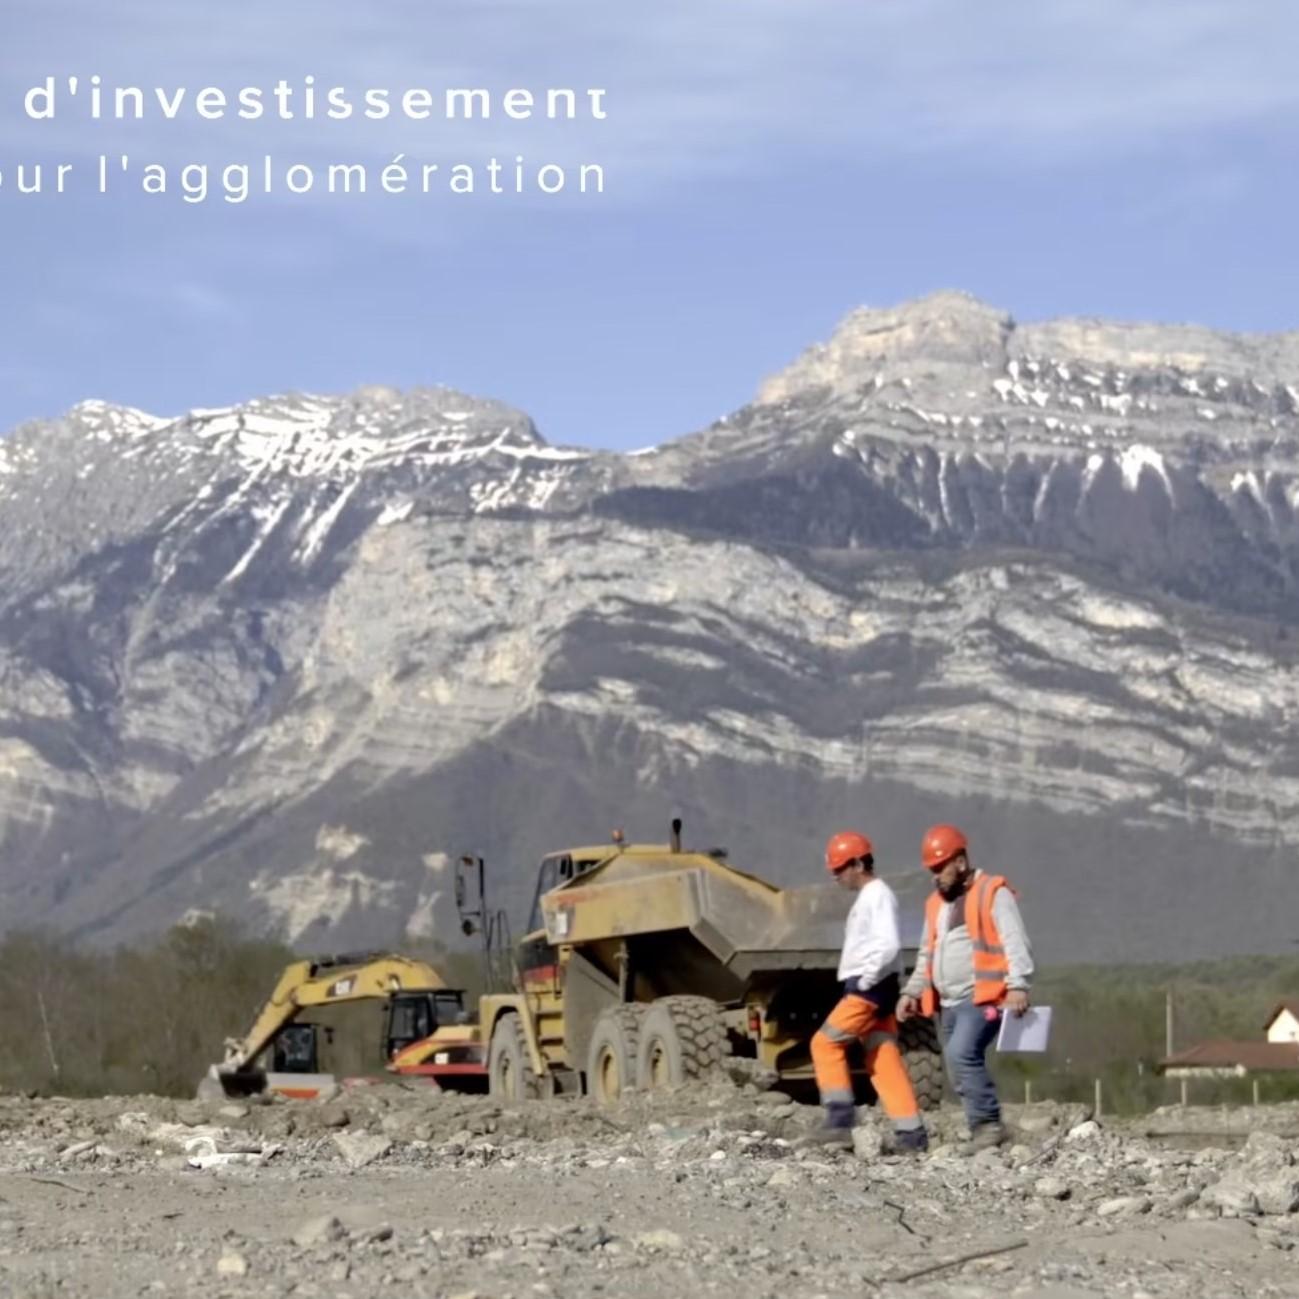 Suivi de chantier video de l'usine Aledia à Champagnier